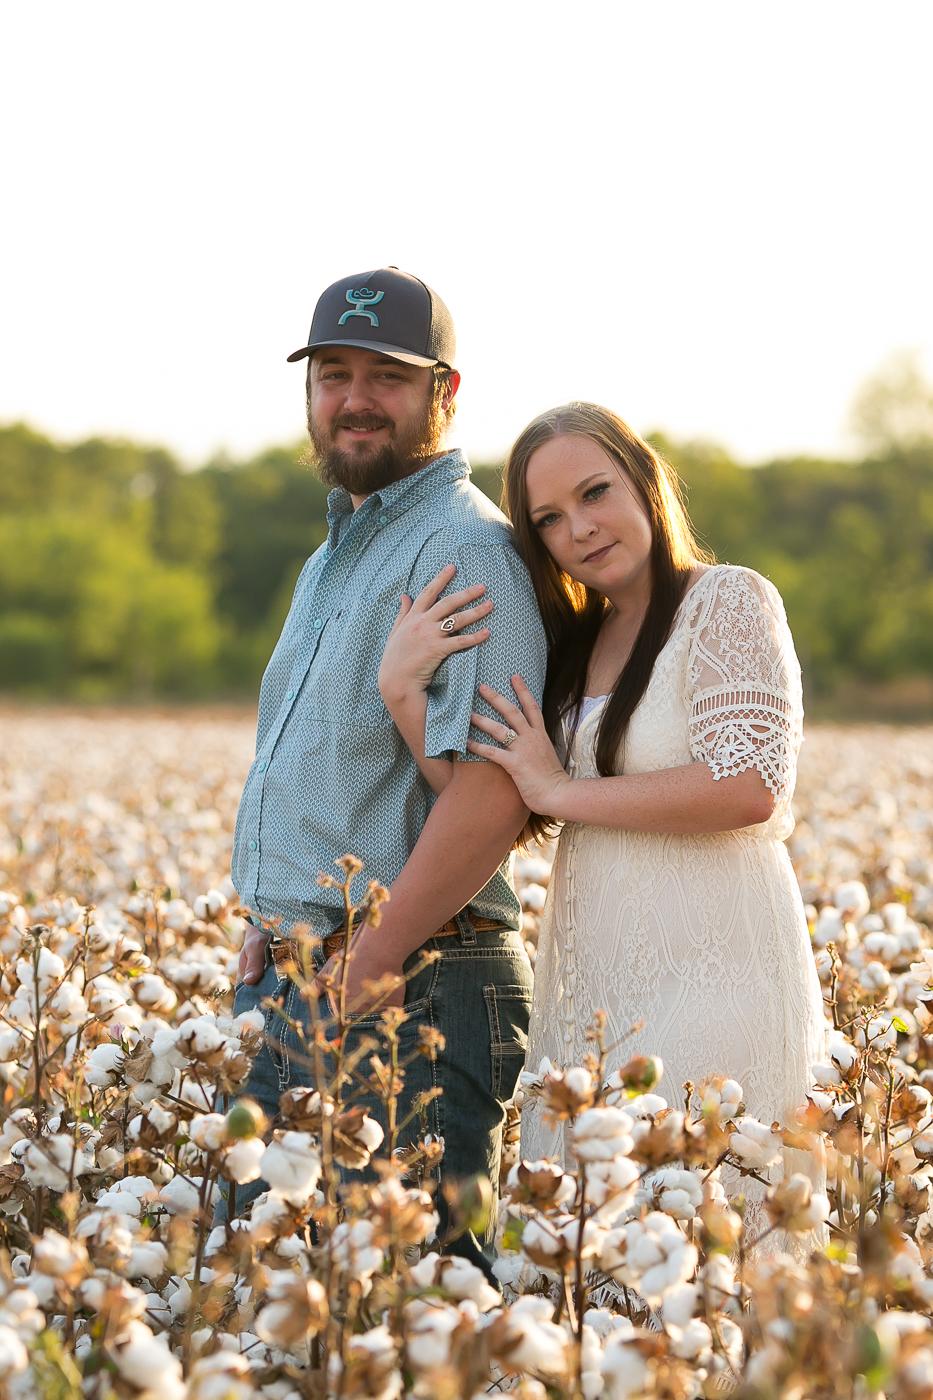 couples-cotton-field-portrait-mini-session-san-antonio-lytle.jpg